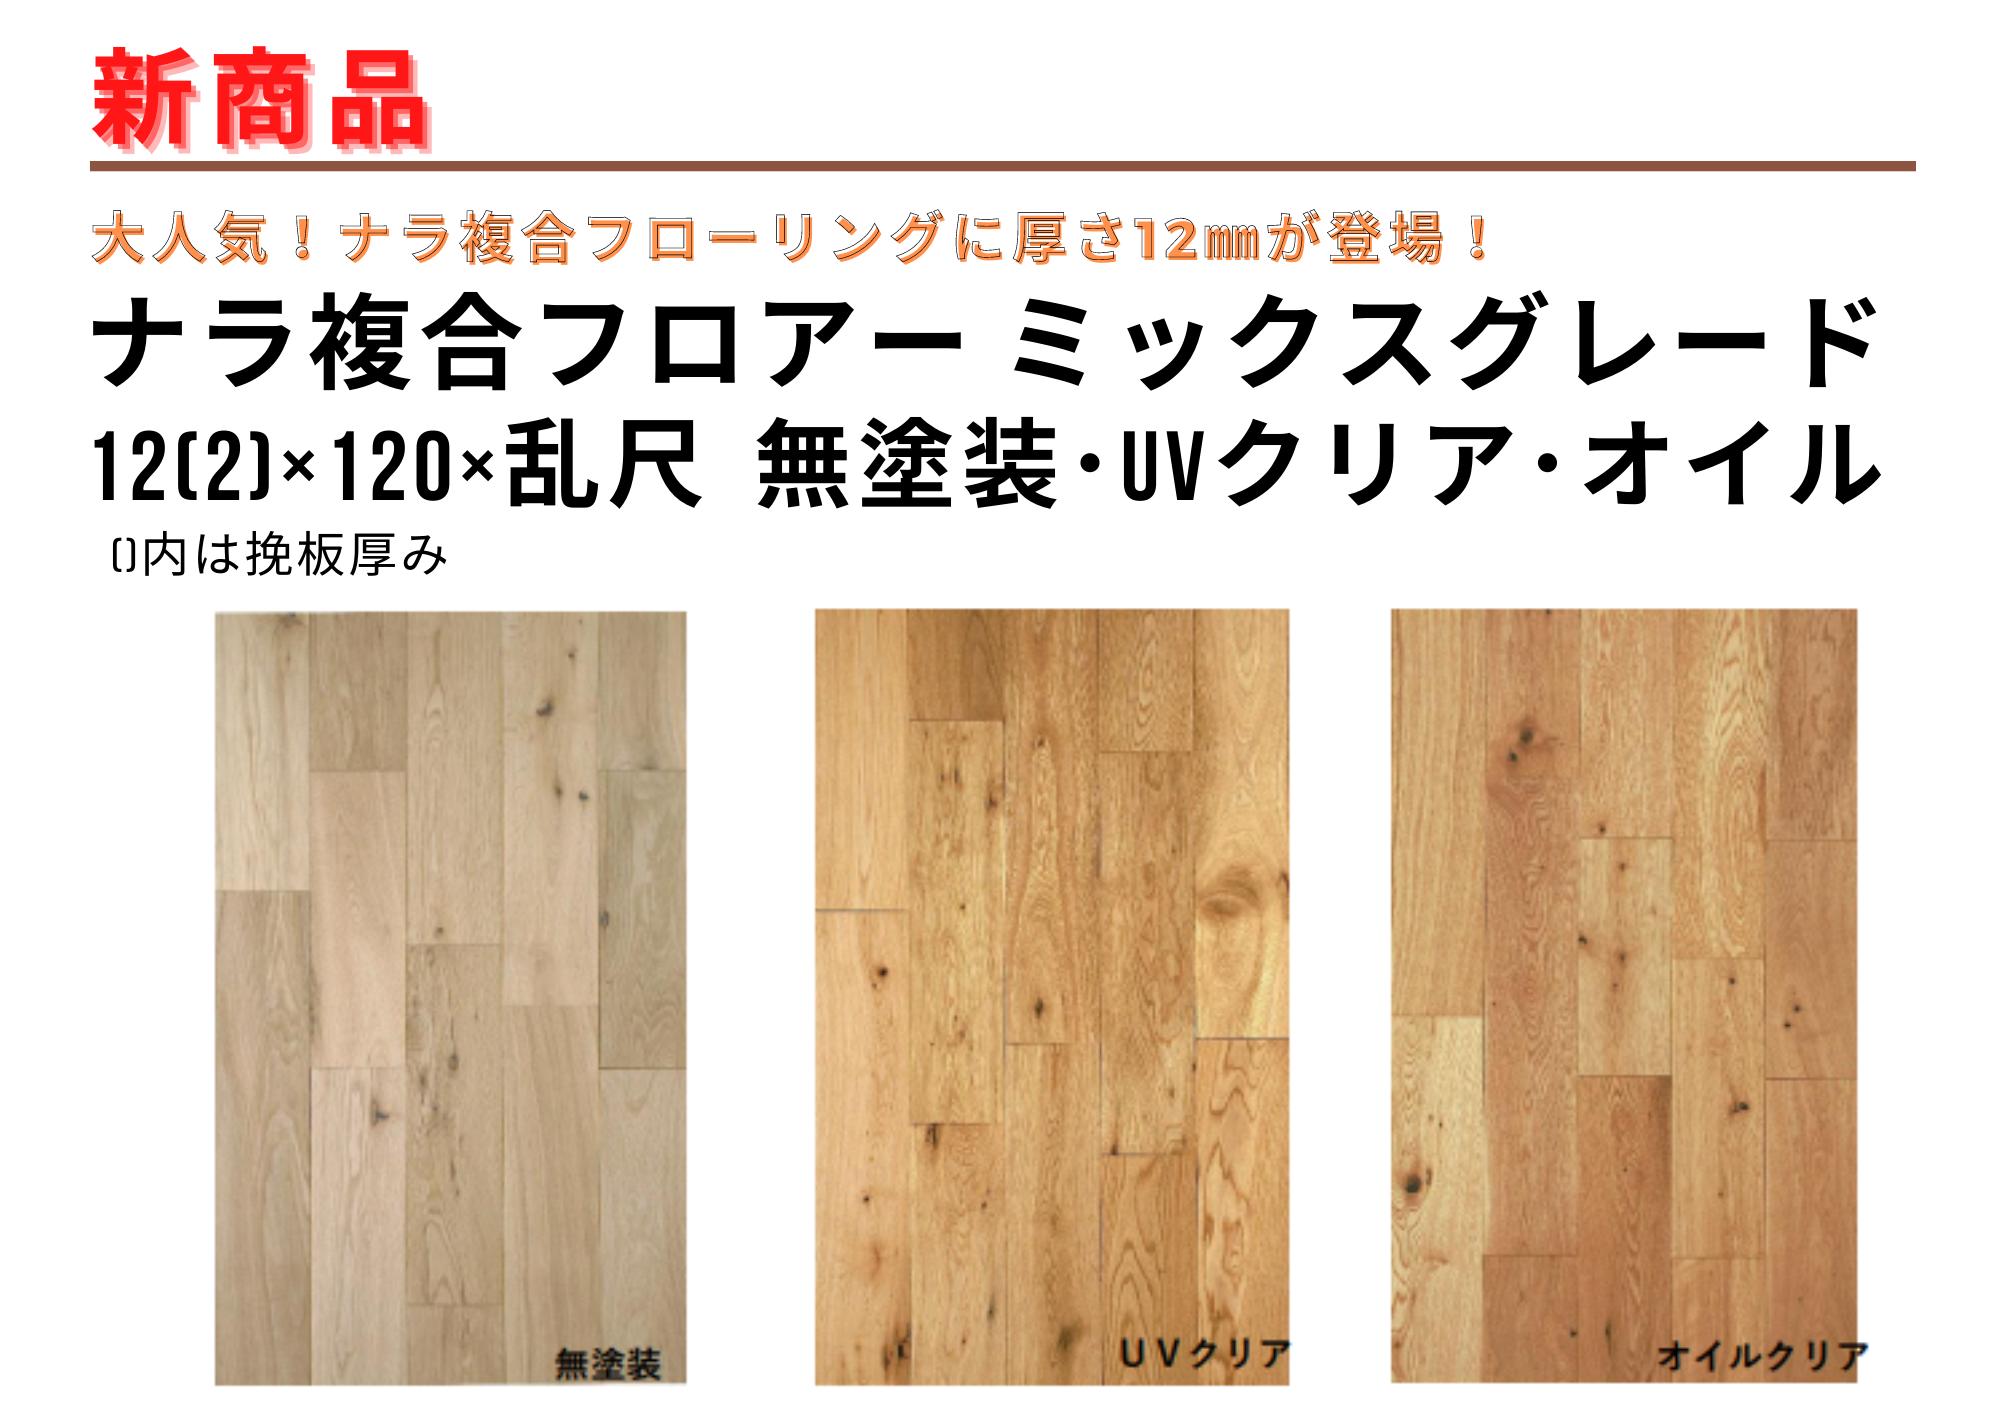 画像:【新商品】ナラ複合フロアー12mm 登場!